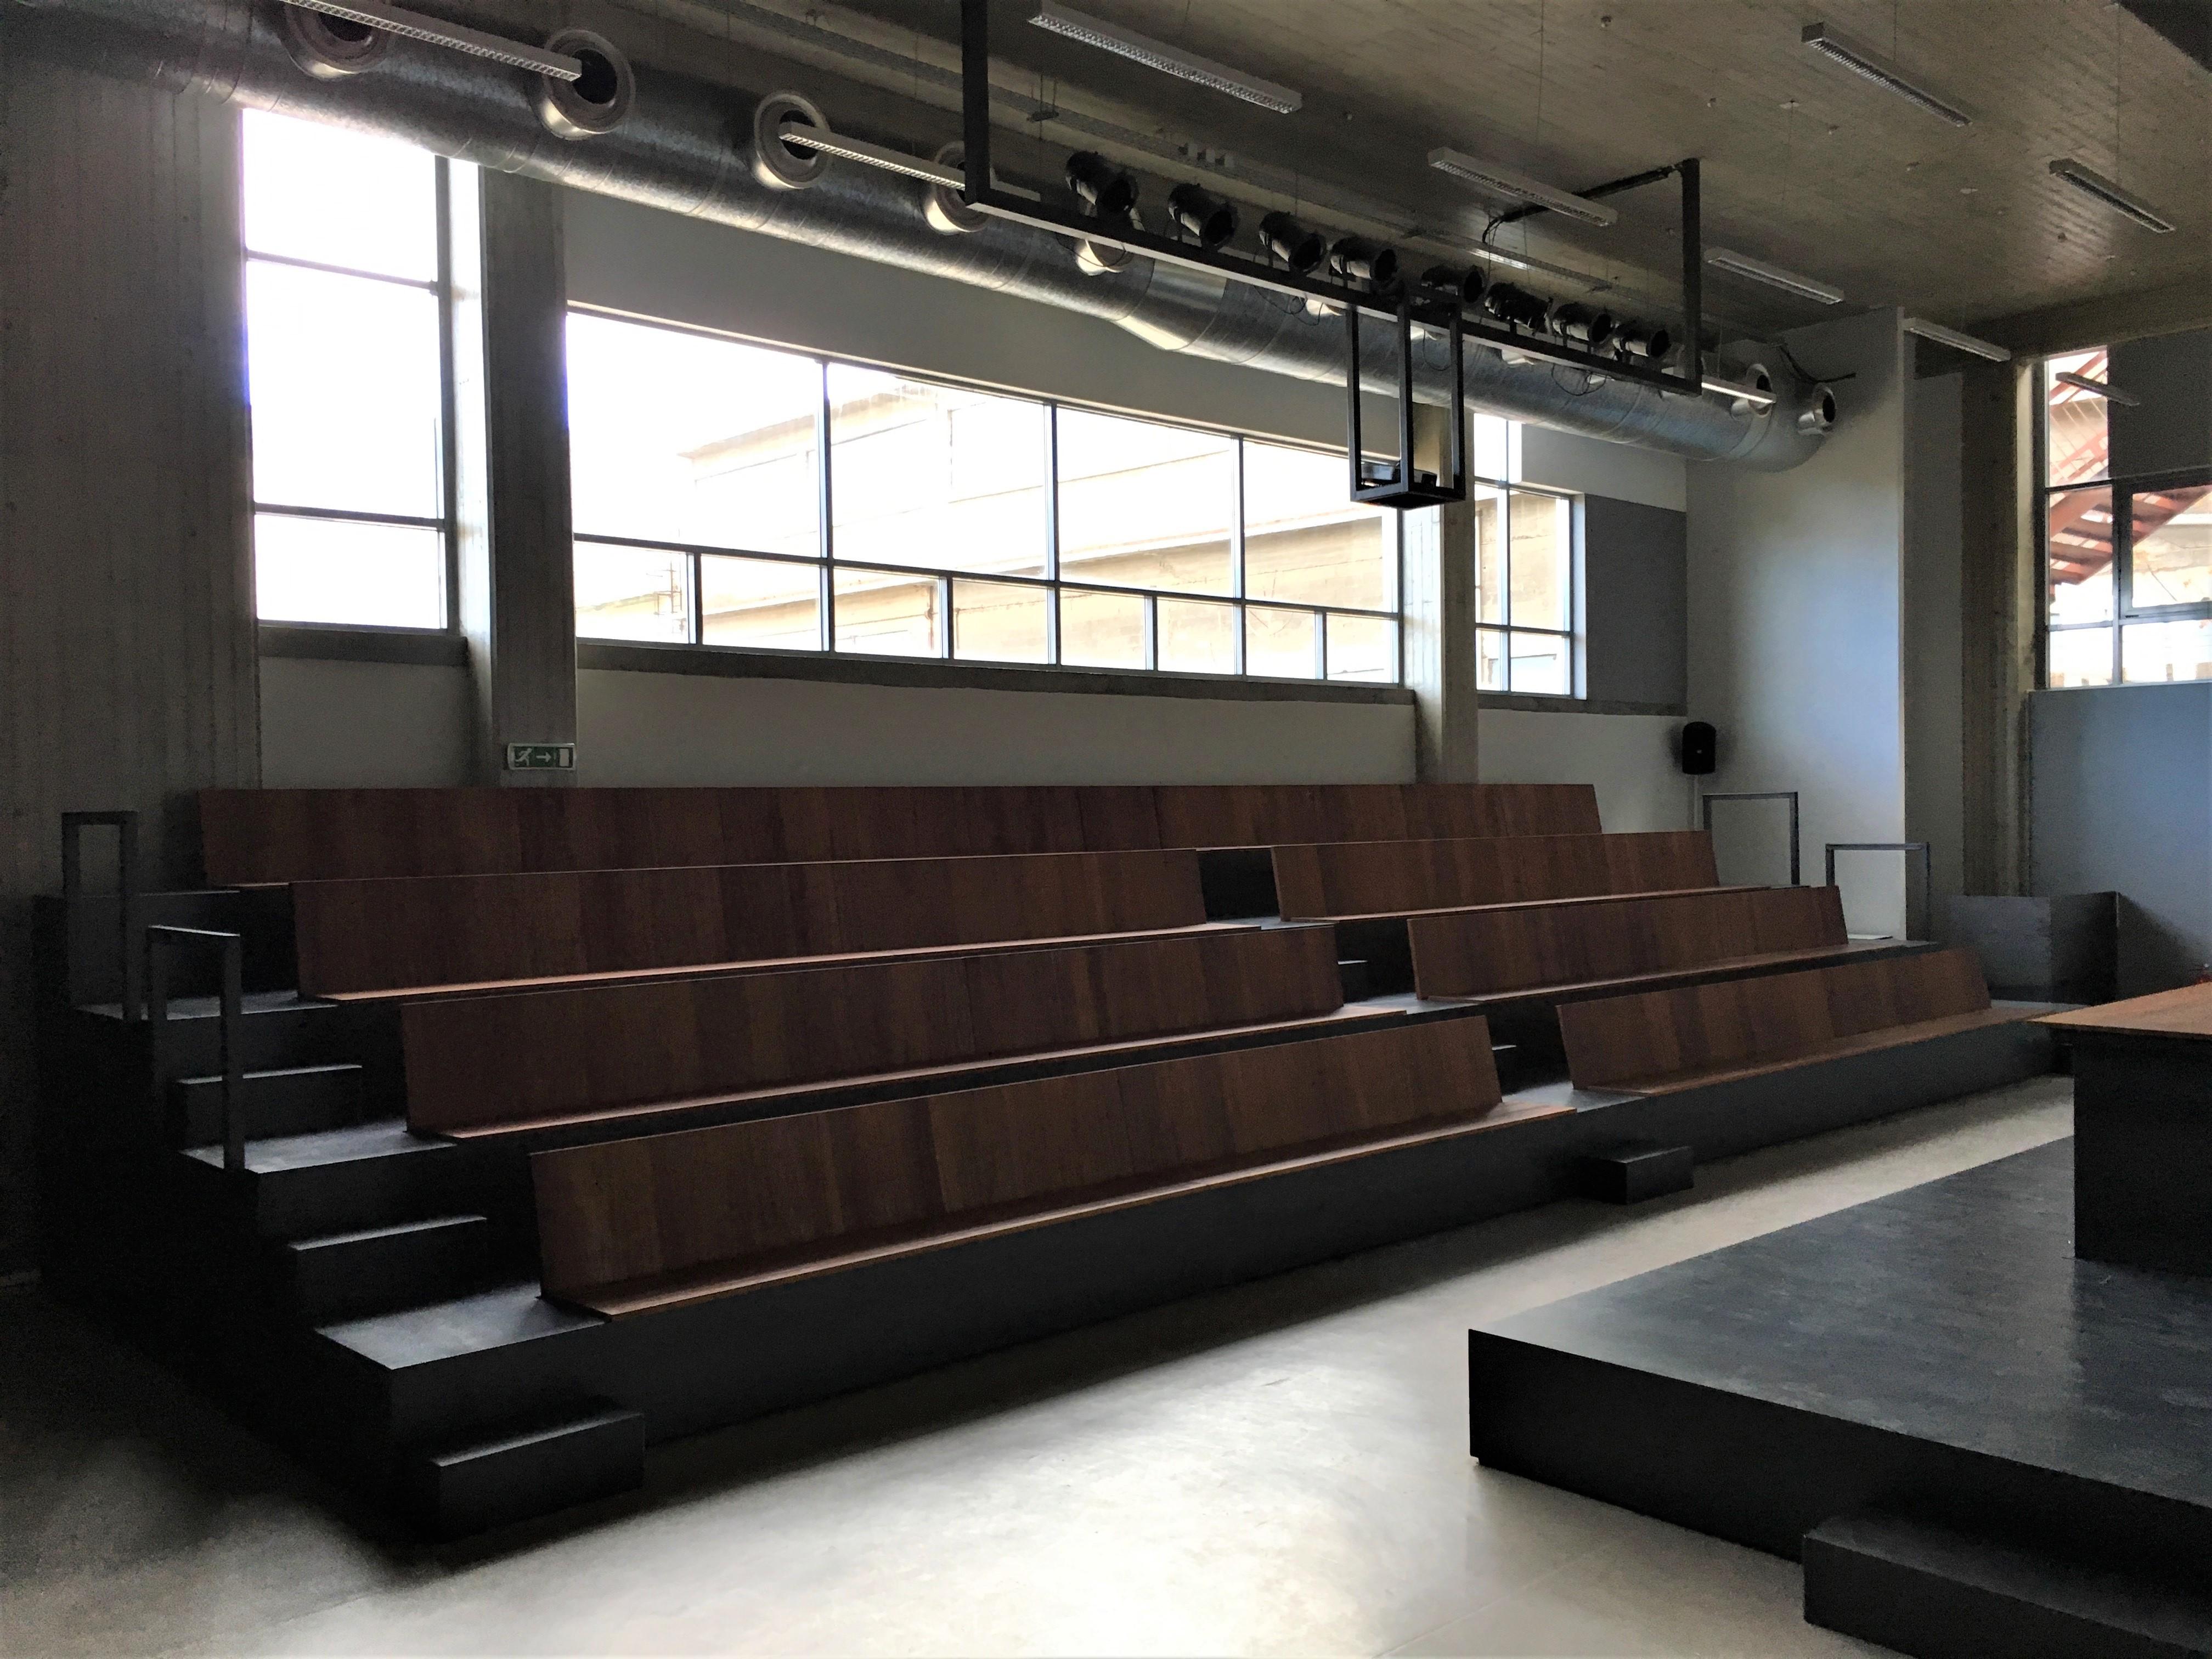 Το αμφιθέατρο του πρώτου ορόφου